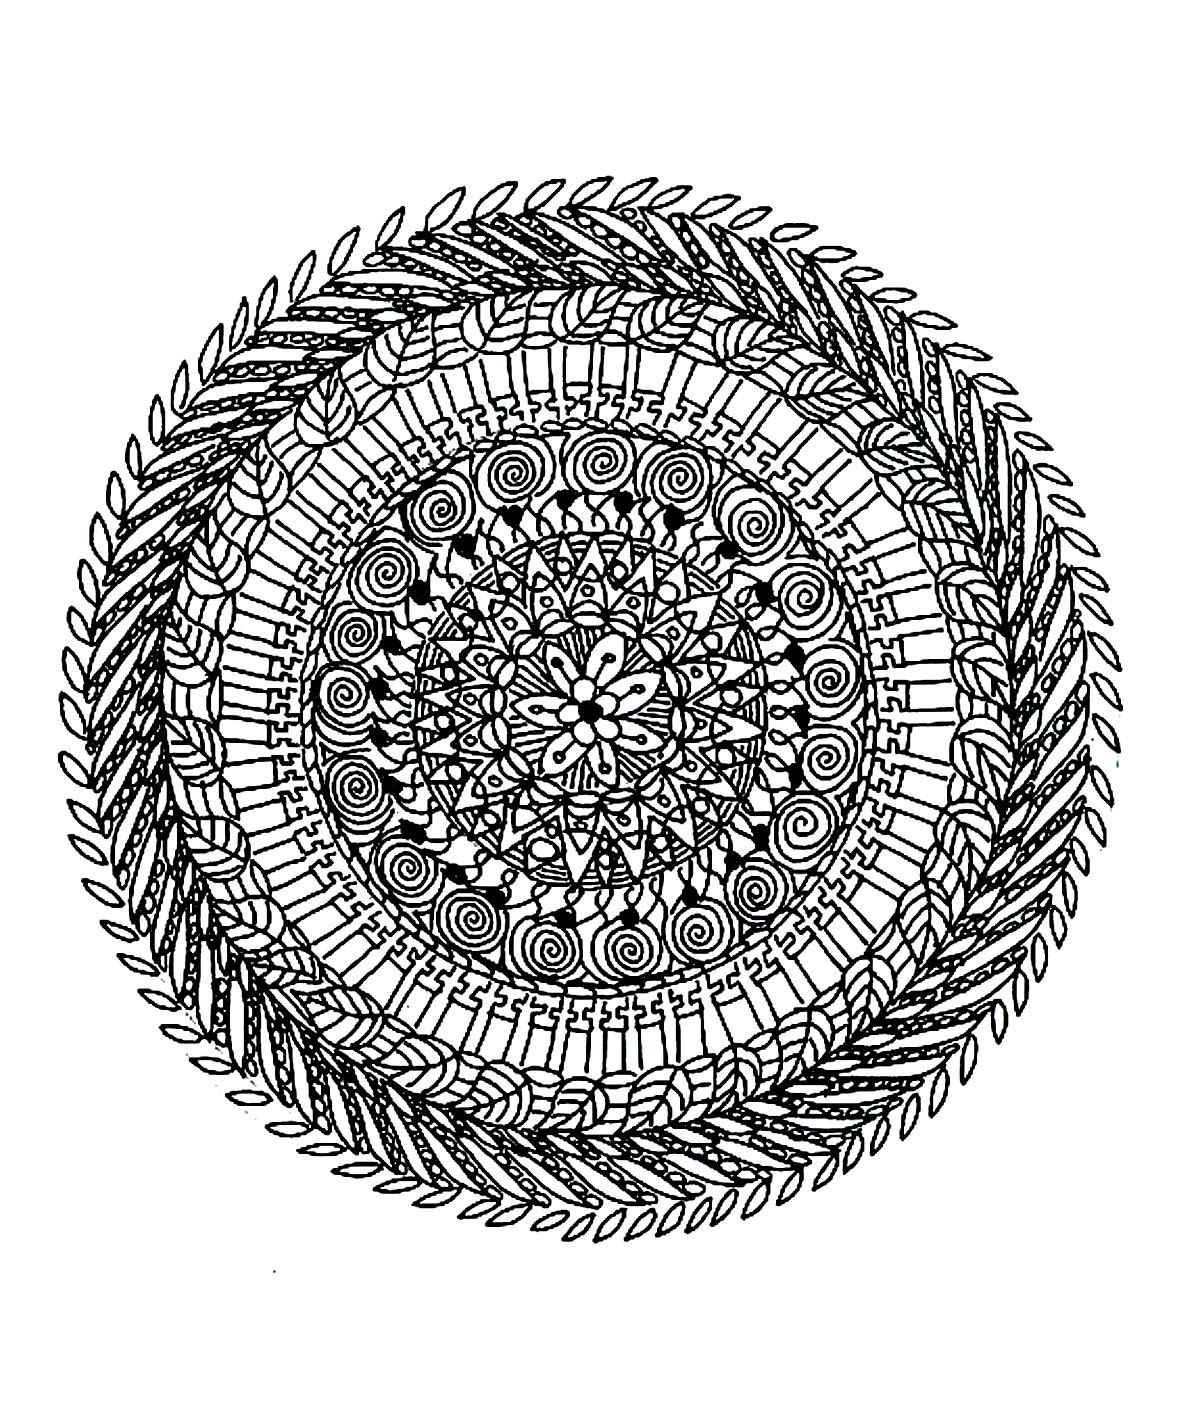 Coloriage De Mandala Damour A Imprimer.Superbe Mandala Complexe Naturel Mandalas Sur Le Theme Des Fleurs